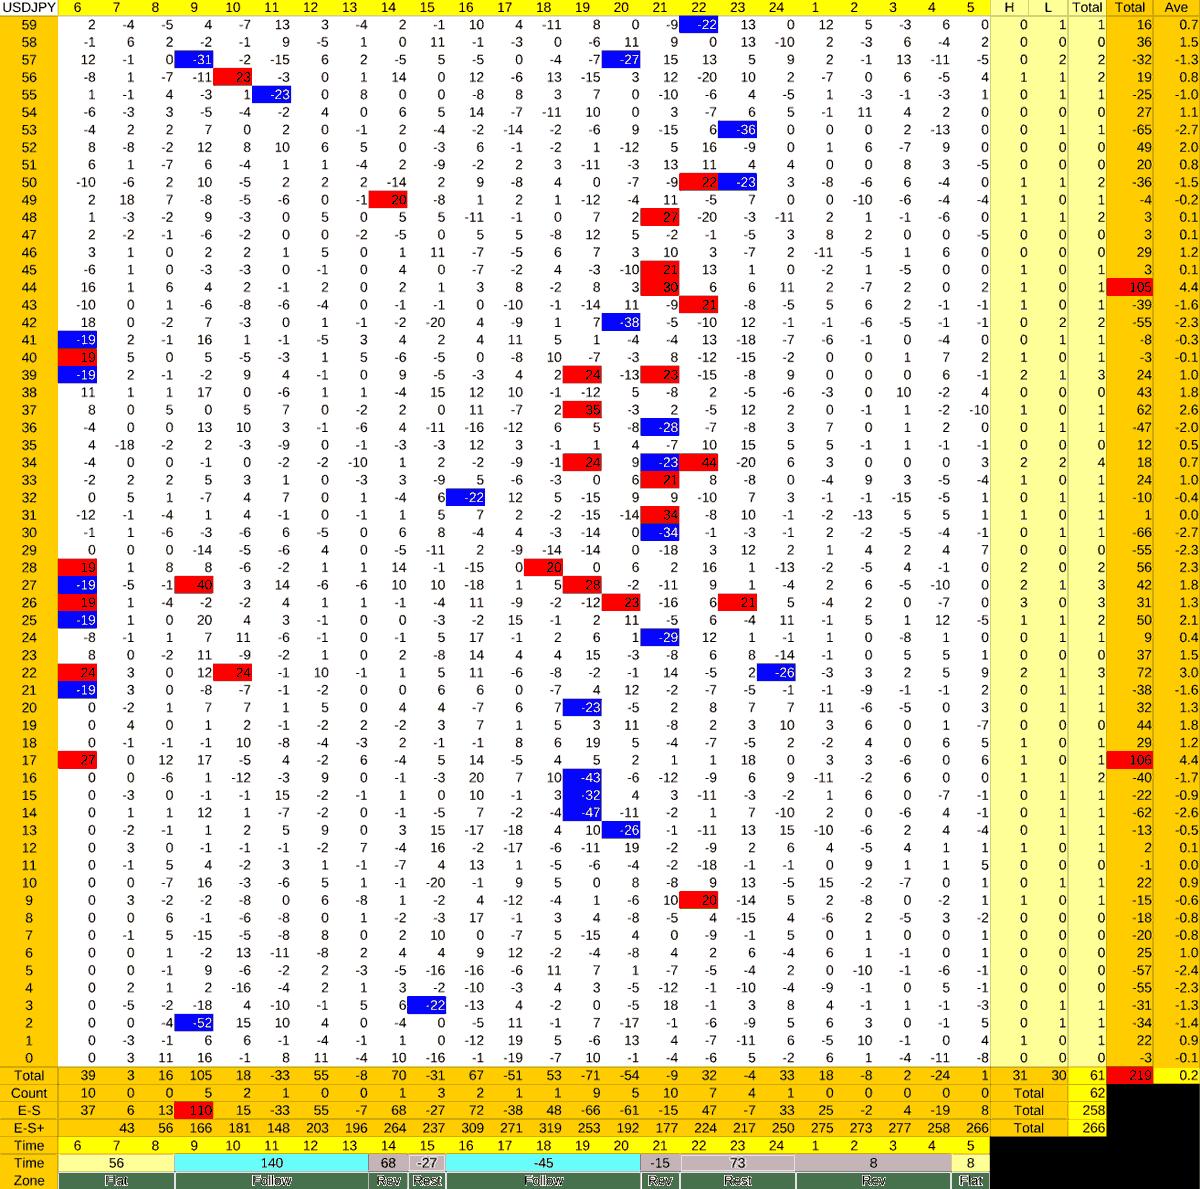 20210608_HS(1)USDJPY